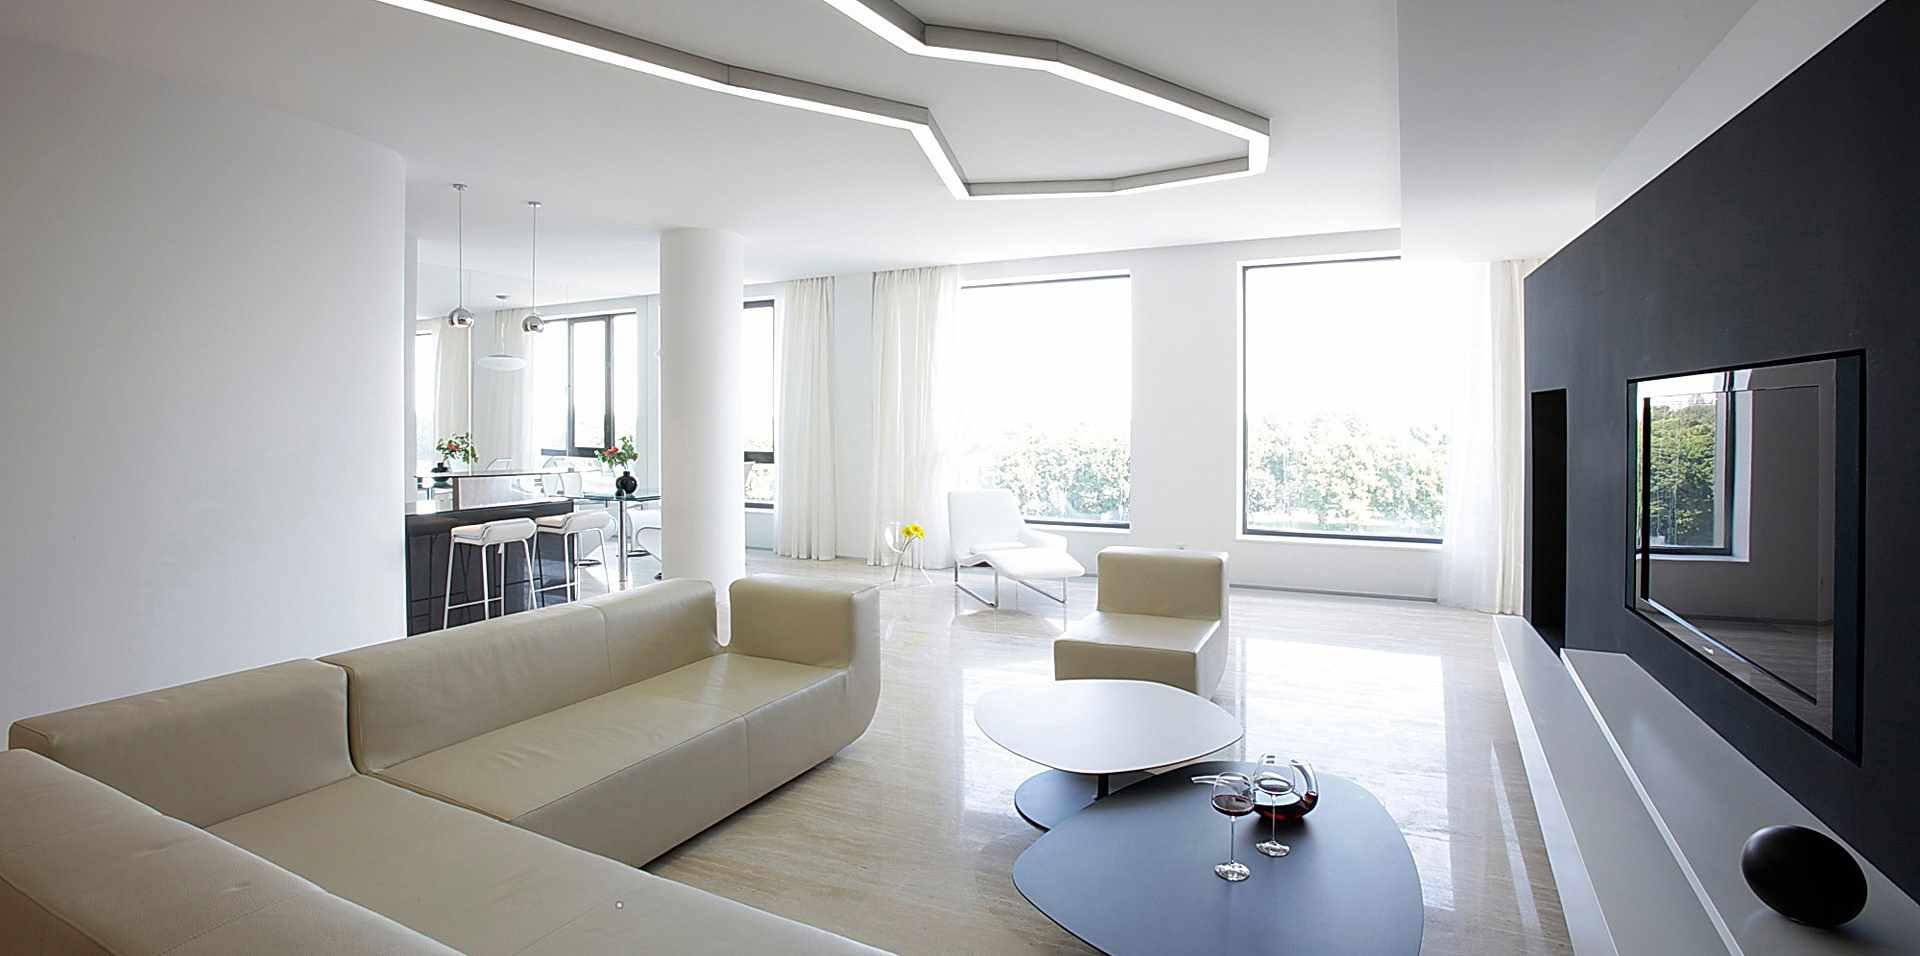 một ví dụ về việc áp dụng trang trí tươi sáng của phòng khách theo phong cách tối giản